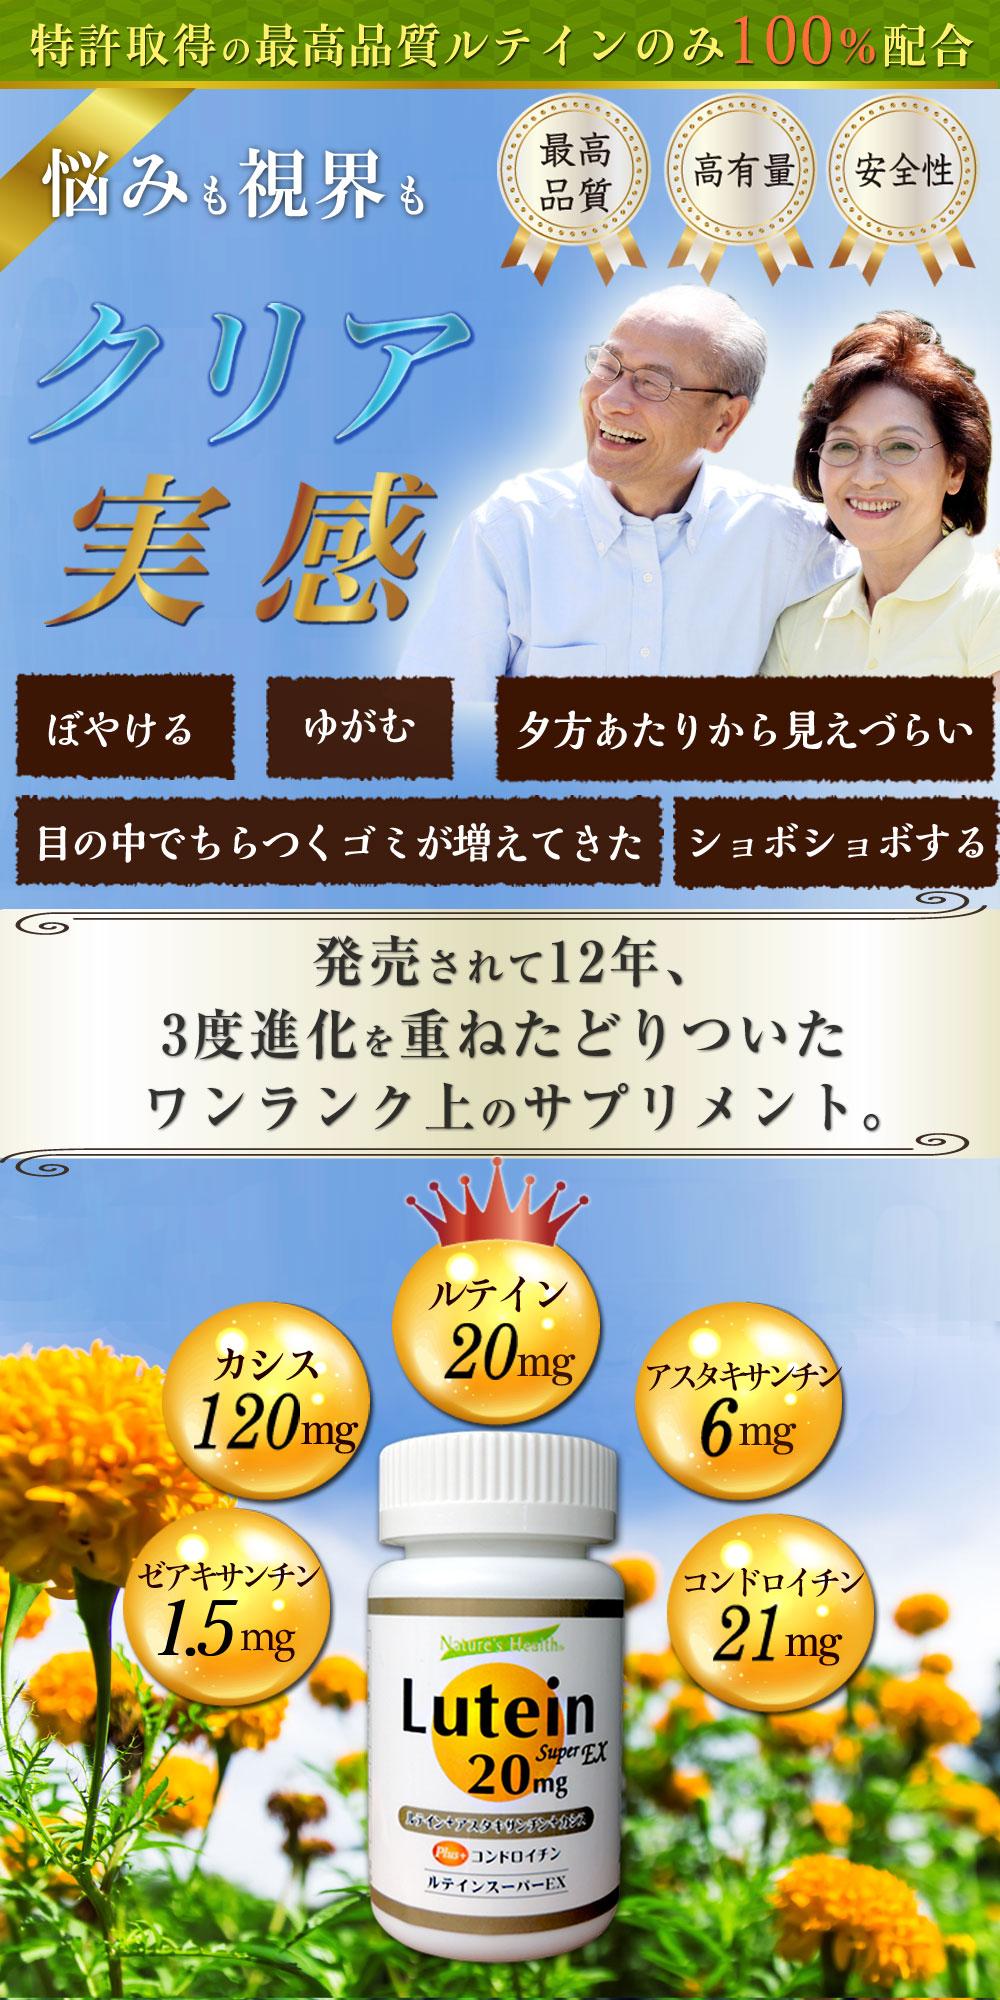 「ルテイン スーパーEX」製品紹介